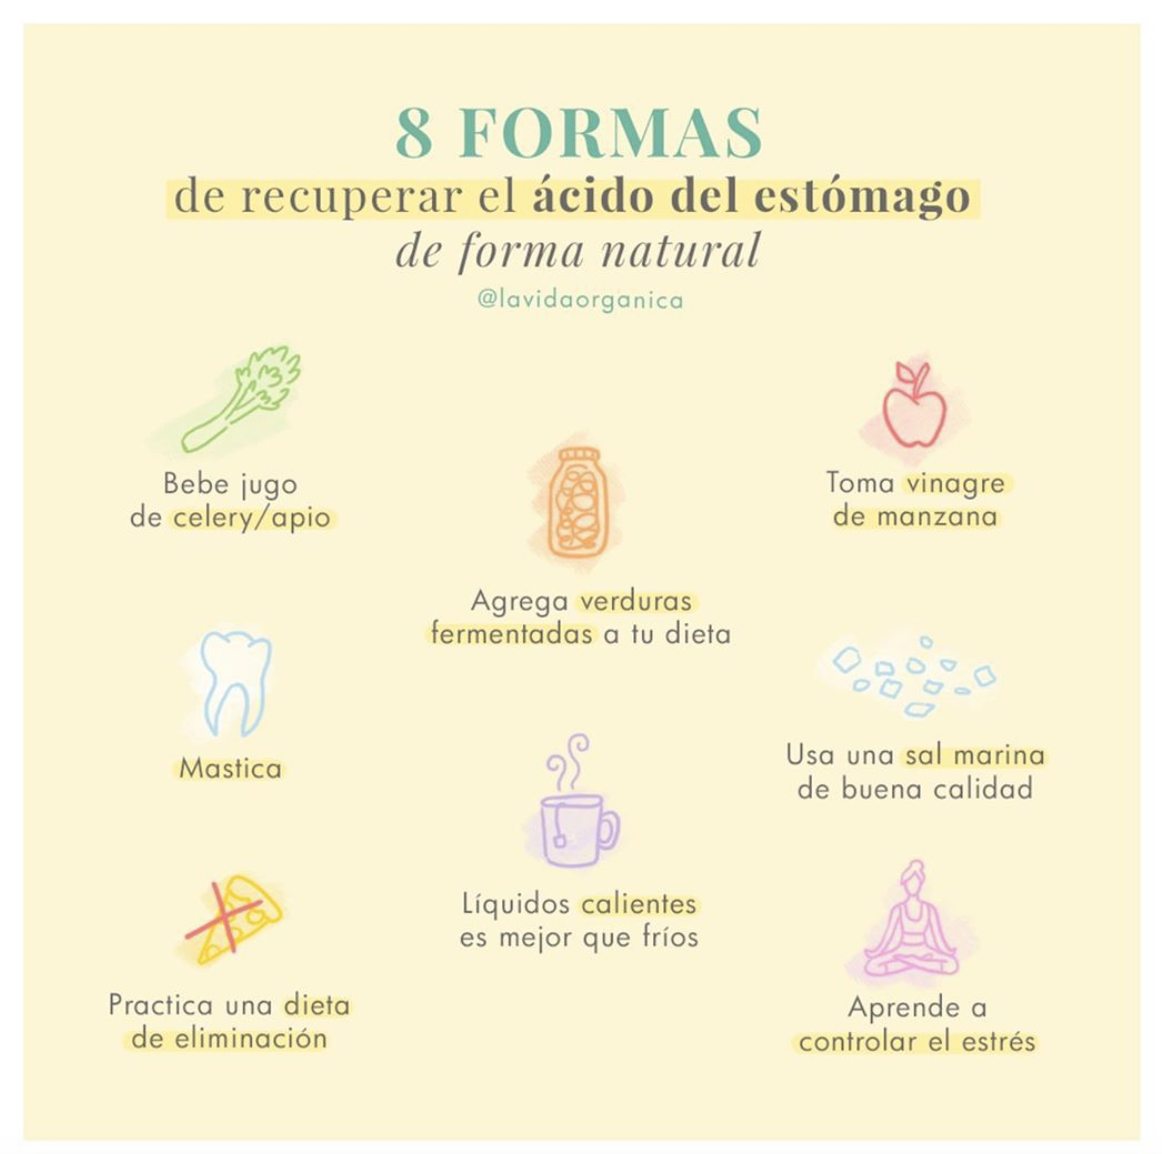 8 Formas de Recuperar el ácido del Estómago de Forma Natural